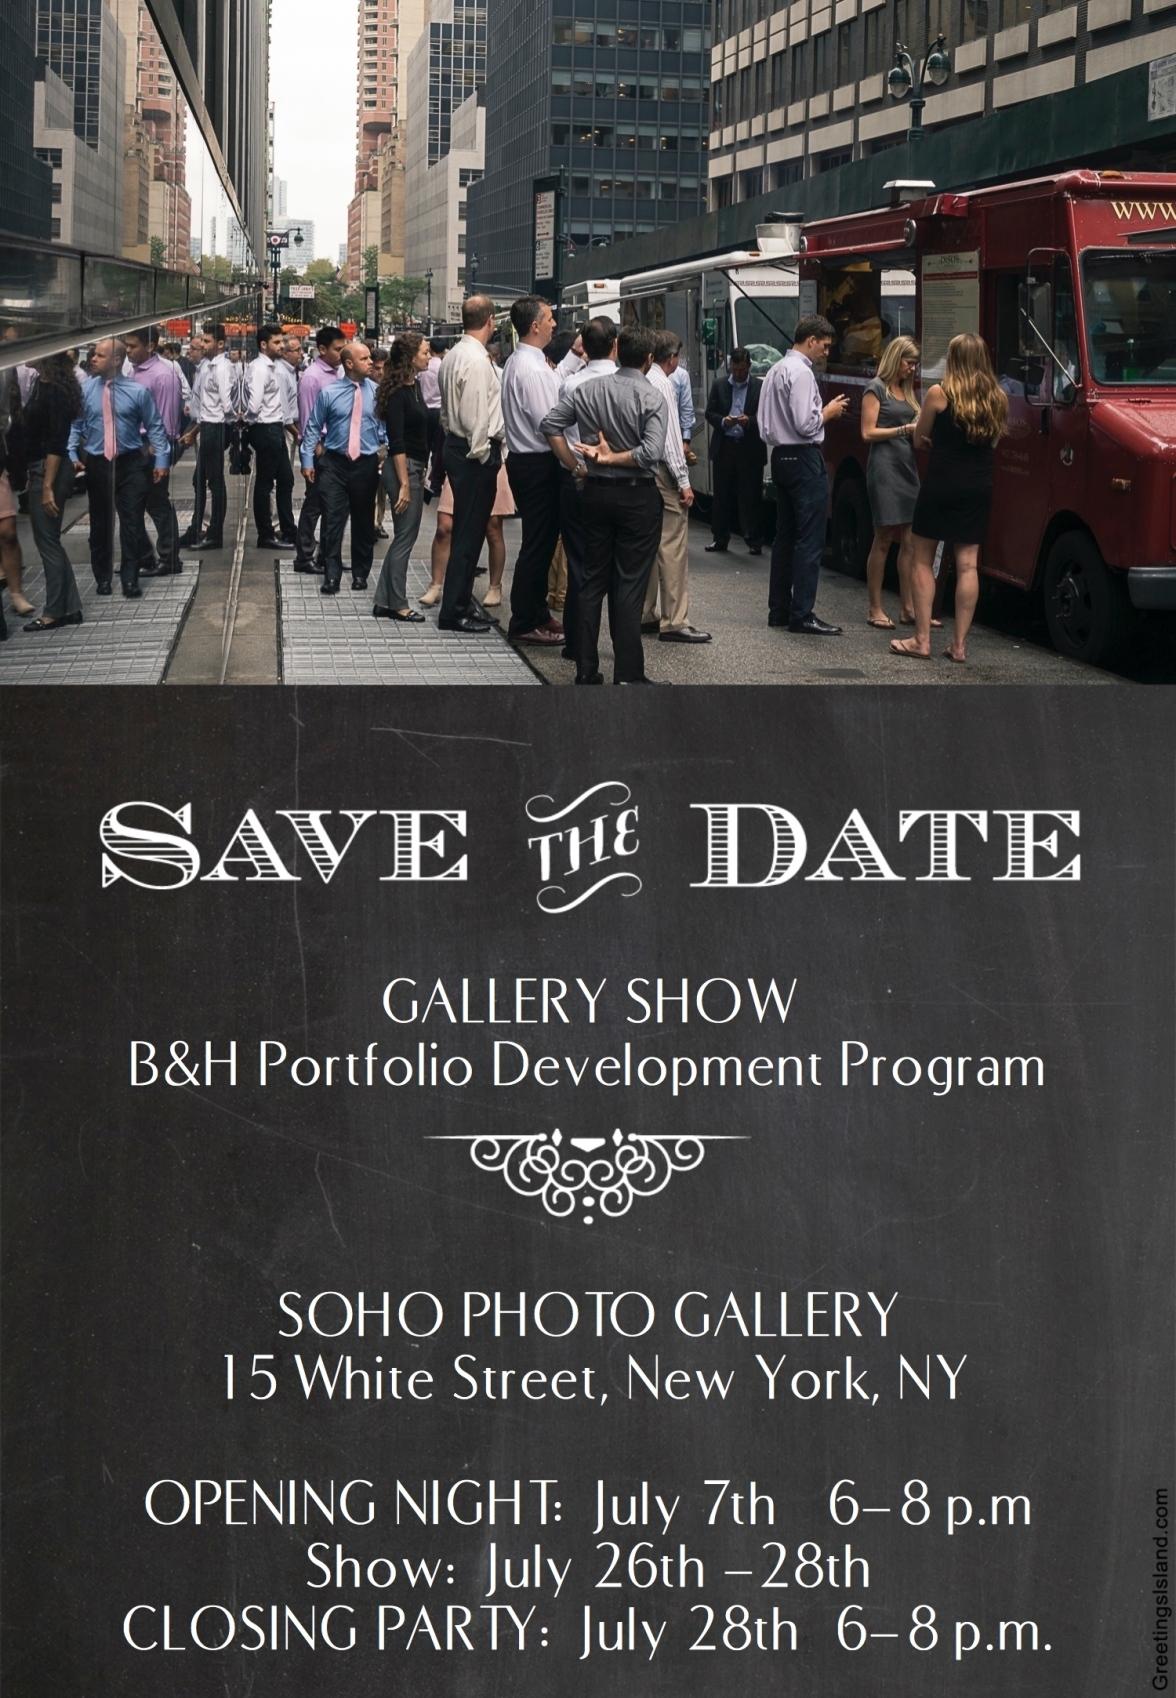 Gallery Invite